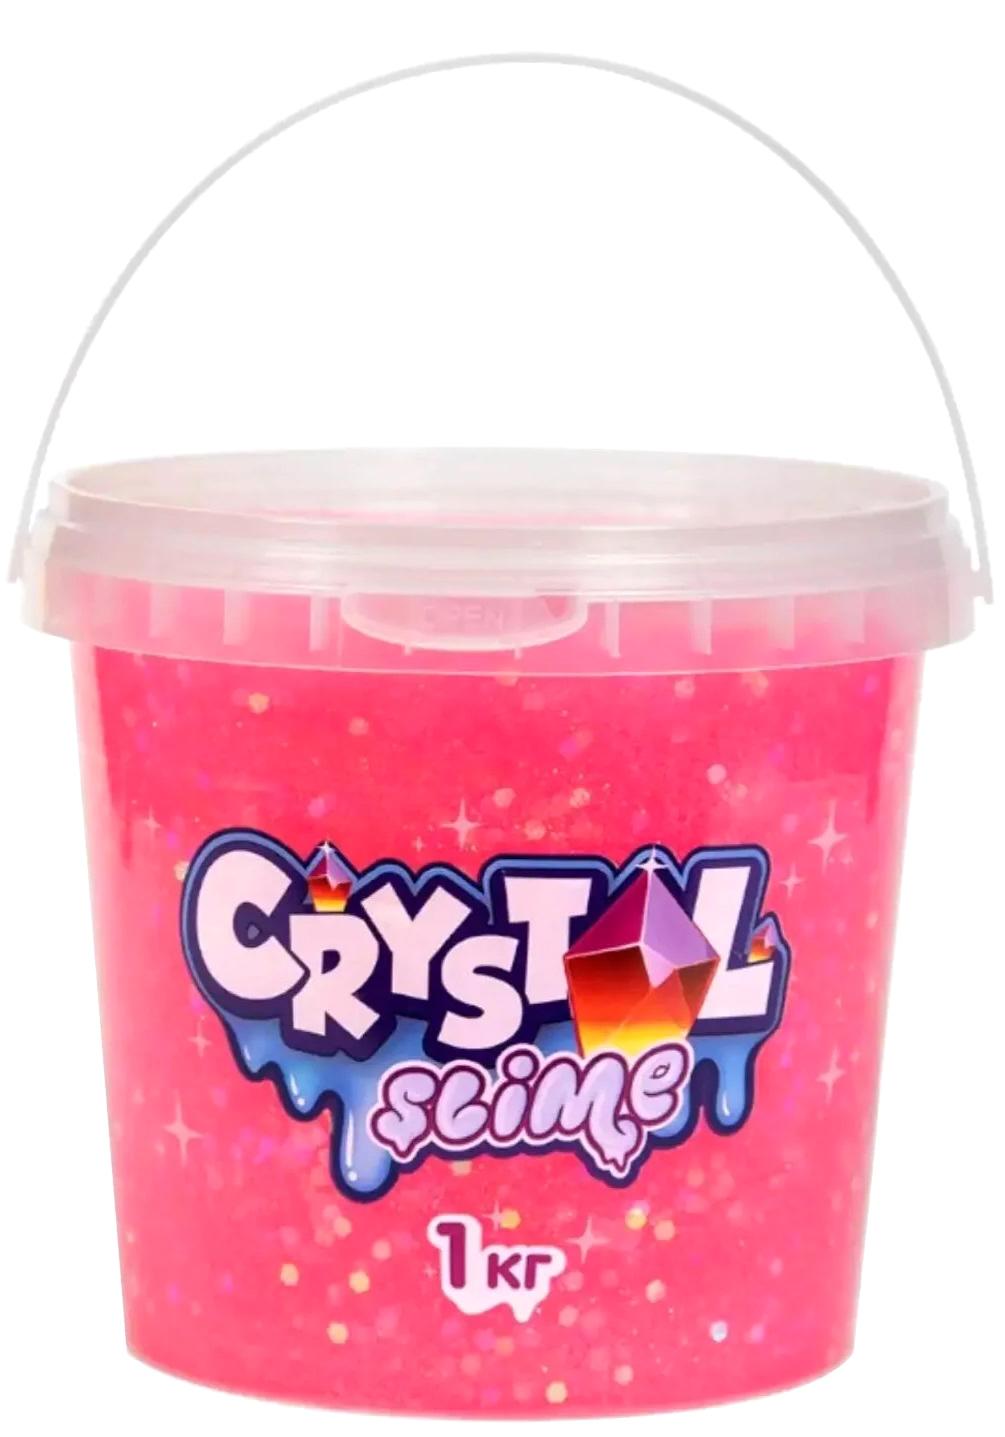 Набор для слайма Slime Crystal, розовый, 1 кг S300-7